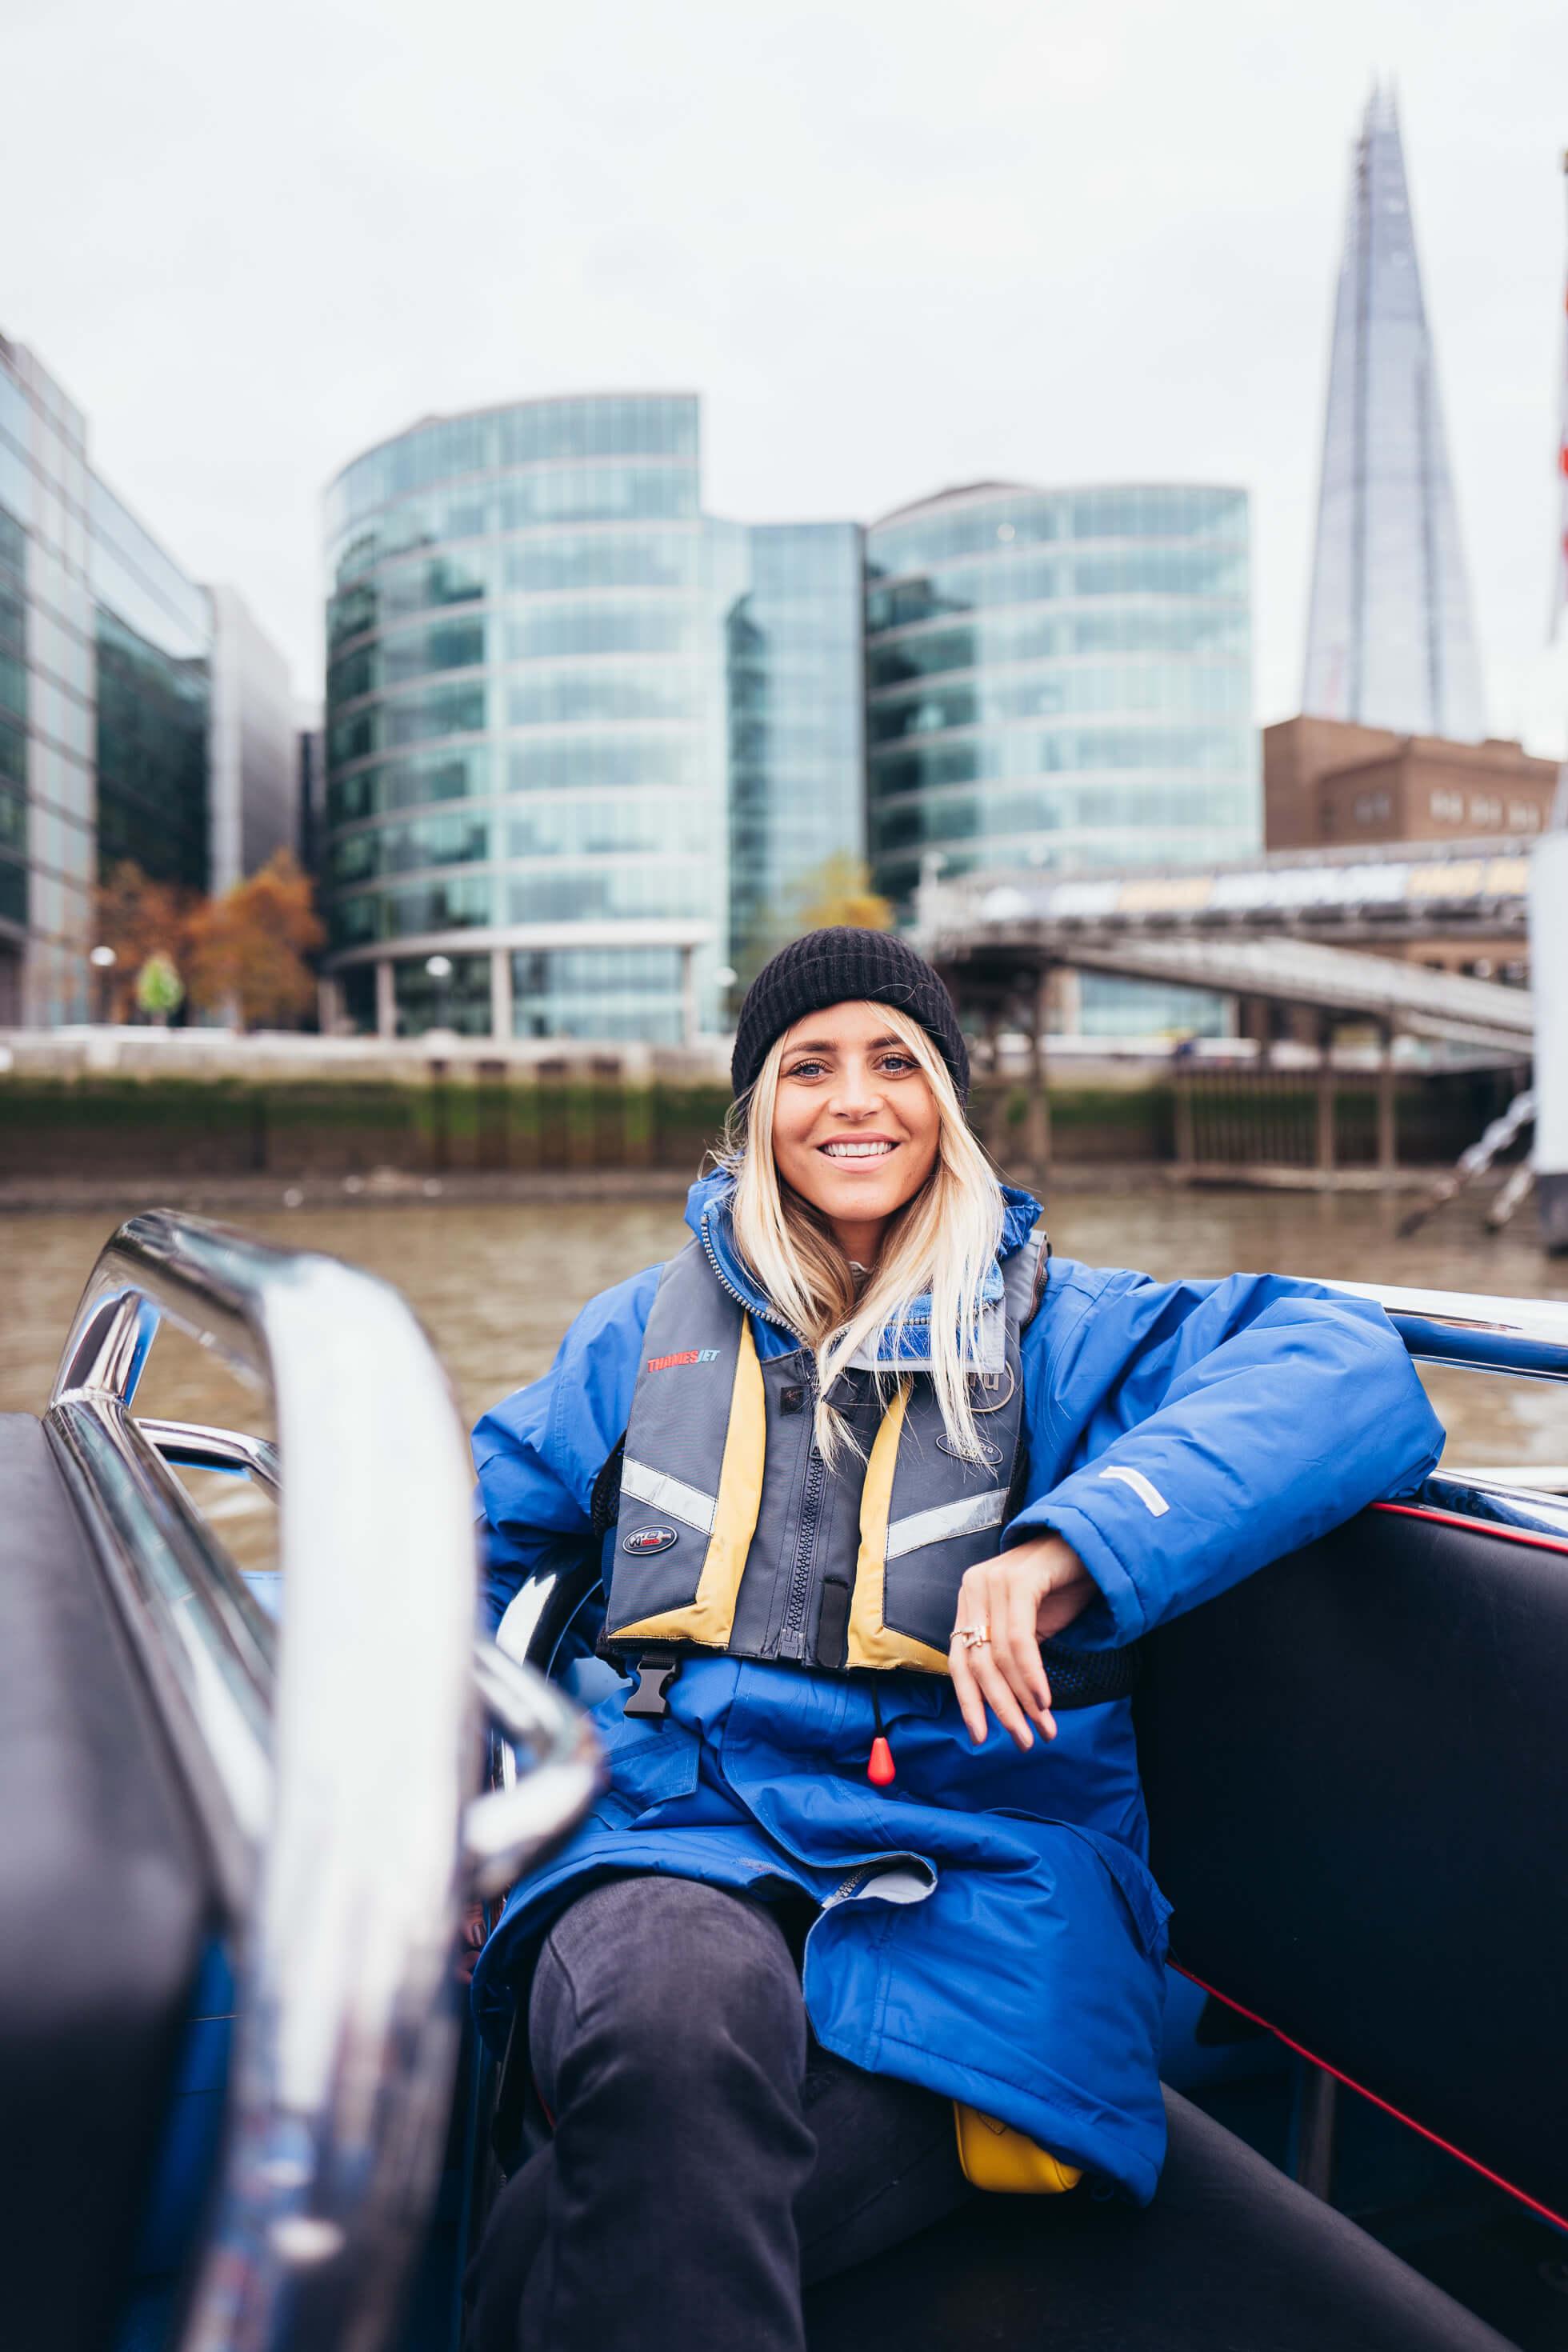 janni-deler-speedboat-londonl1160063